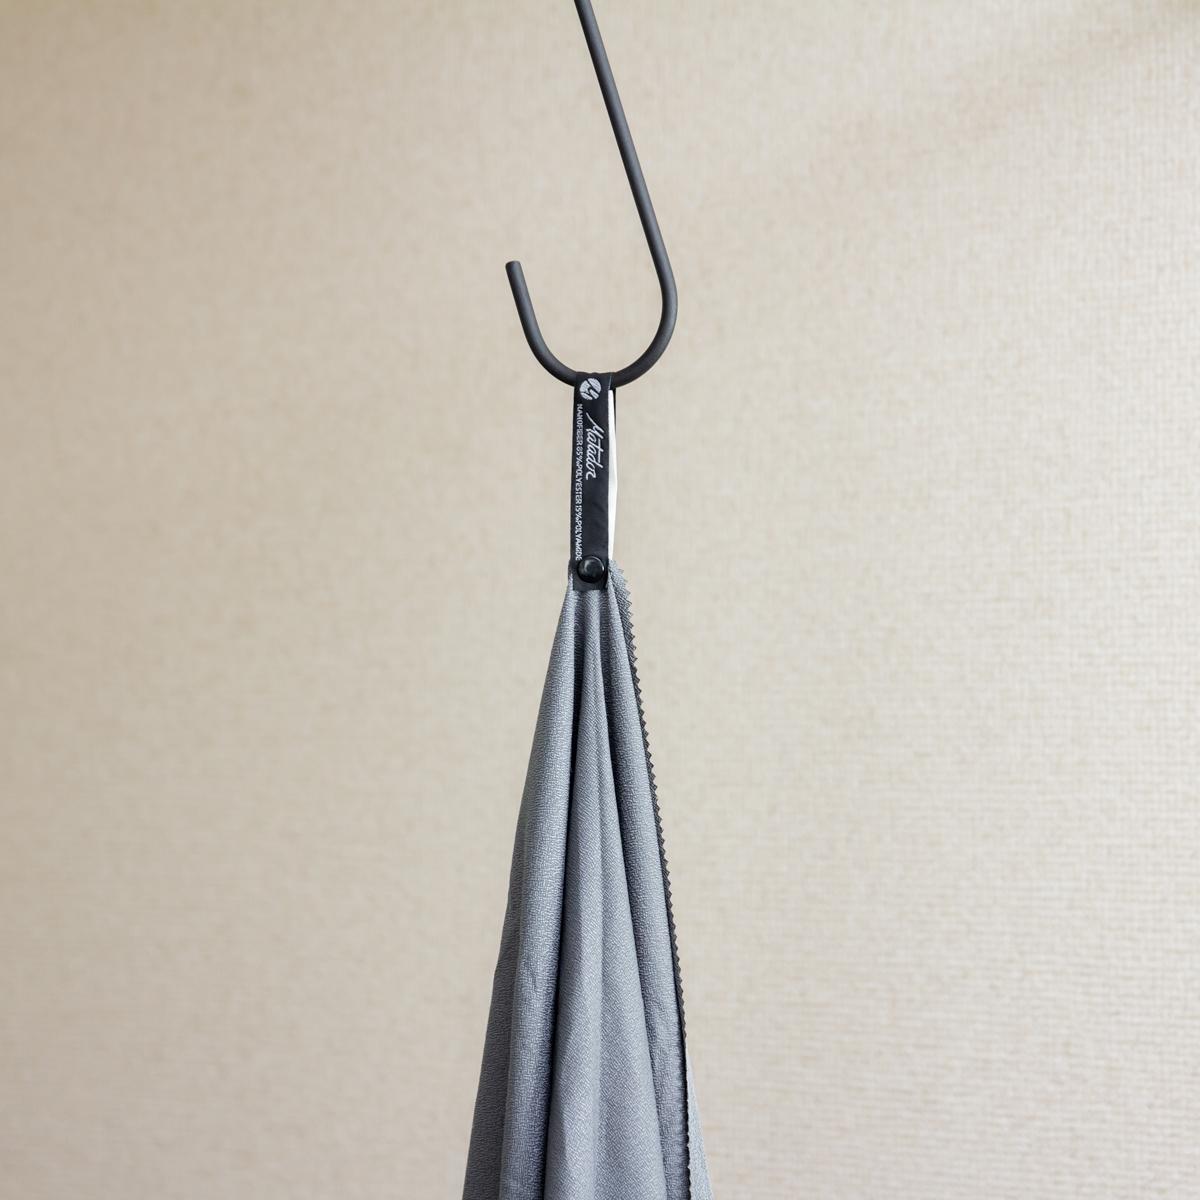 リング状フックにも簡単に吊るすことができる。極薄&超軽量なのに驚きの吸水速乾性。小さくたためて、ビーチやジムでもっと身軽になれる「ナノドライタオル」 | Matador NanoDry Shower Towel